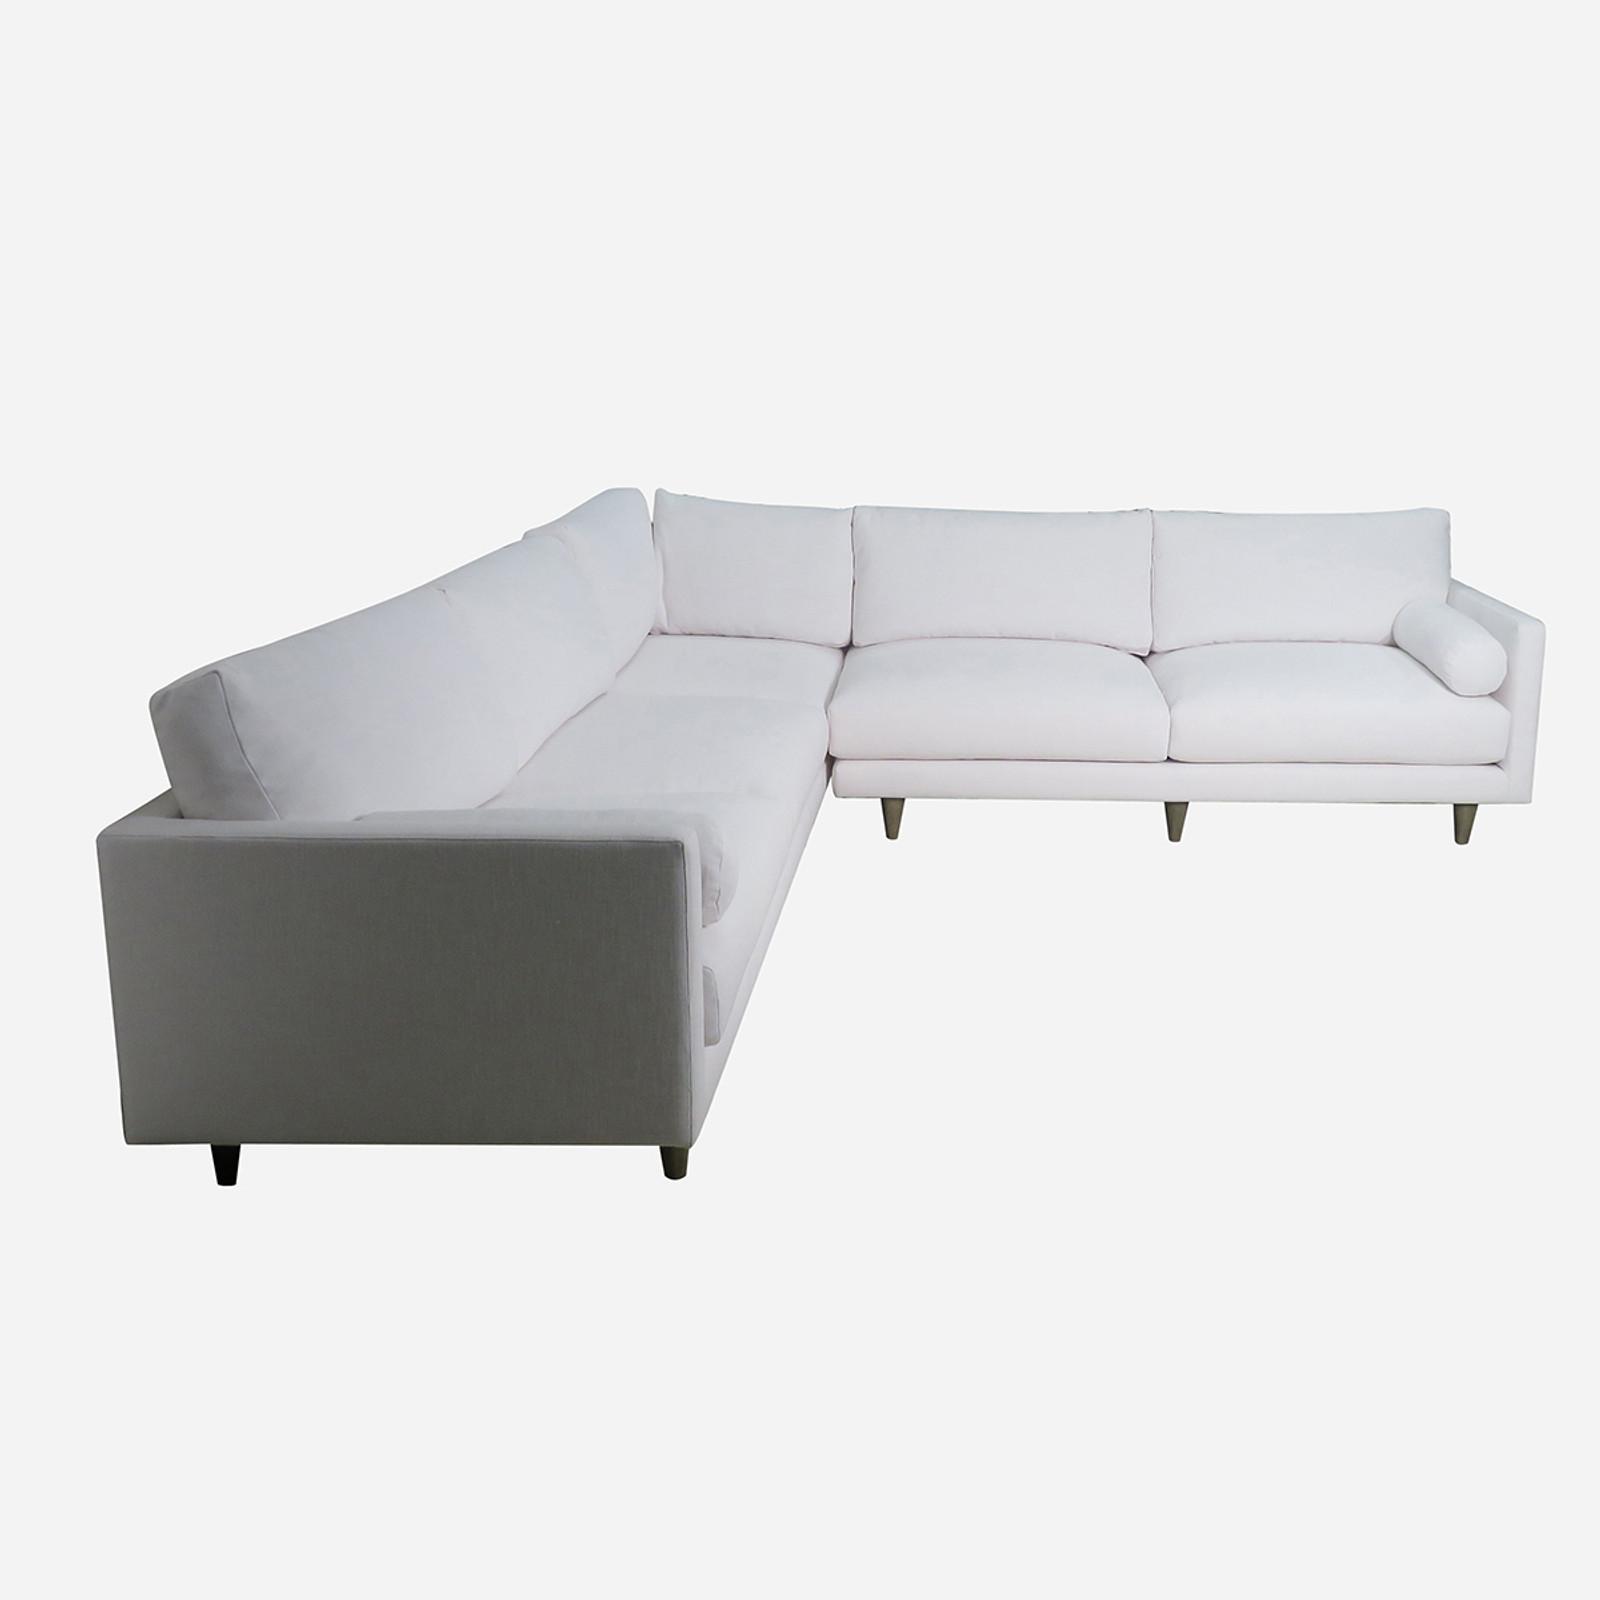 Tuscan Sectional Sofa